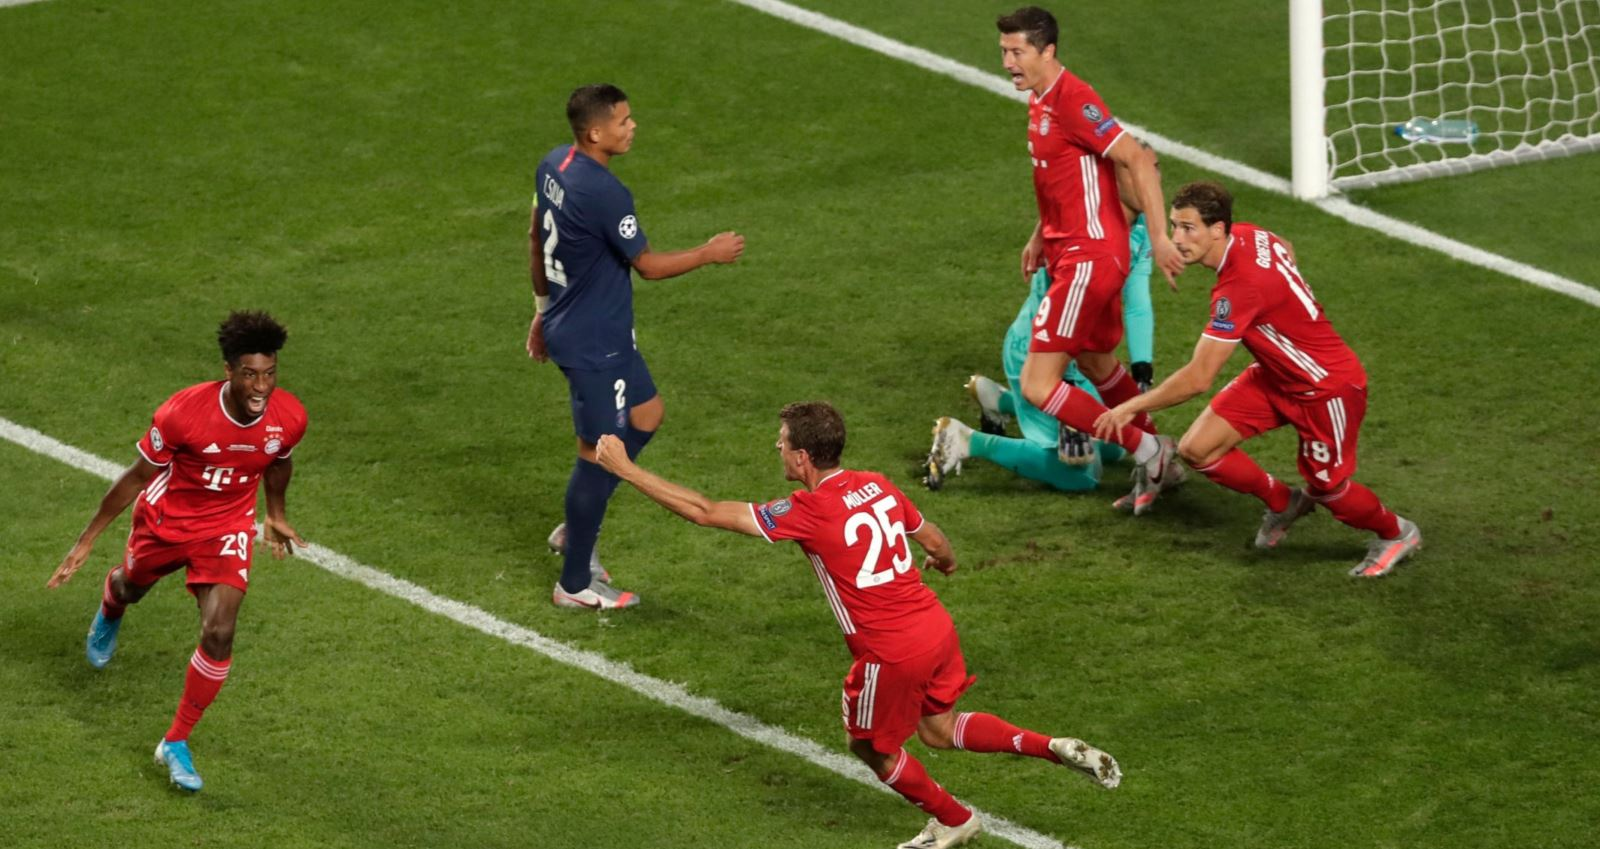 Ket qua bong da, PSG 0-1 Bayern Munich, Kết quả chung kết cúp C1 châu Âu, kết quả Bayern Munich đấu với PSG, Kết quả chung kết cúp C1, Bayern vô địch Champions League